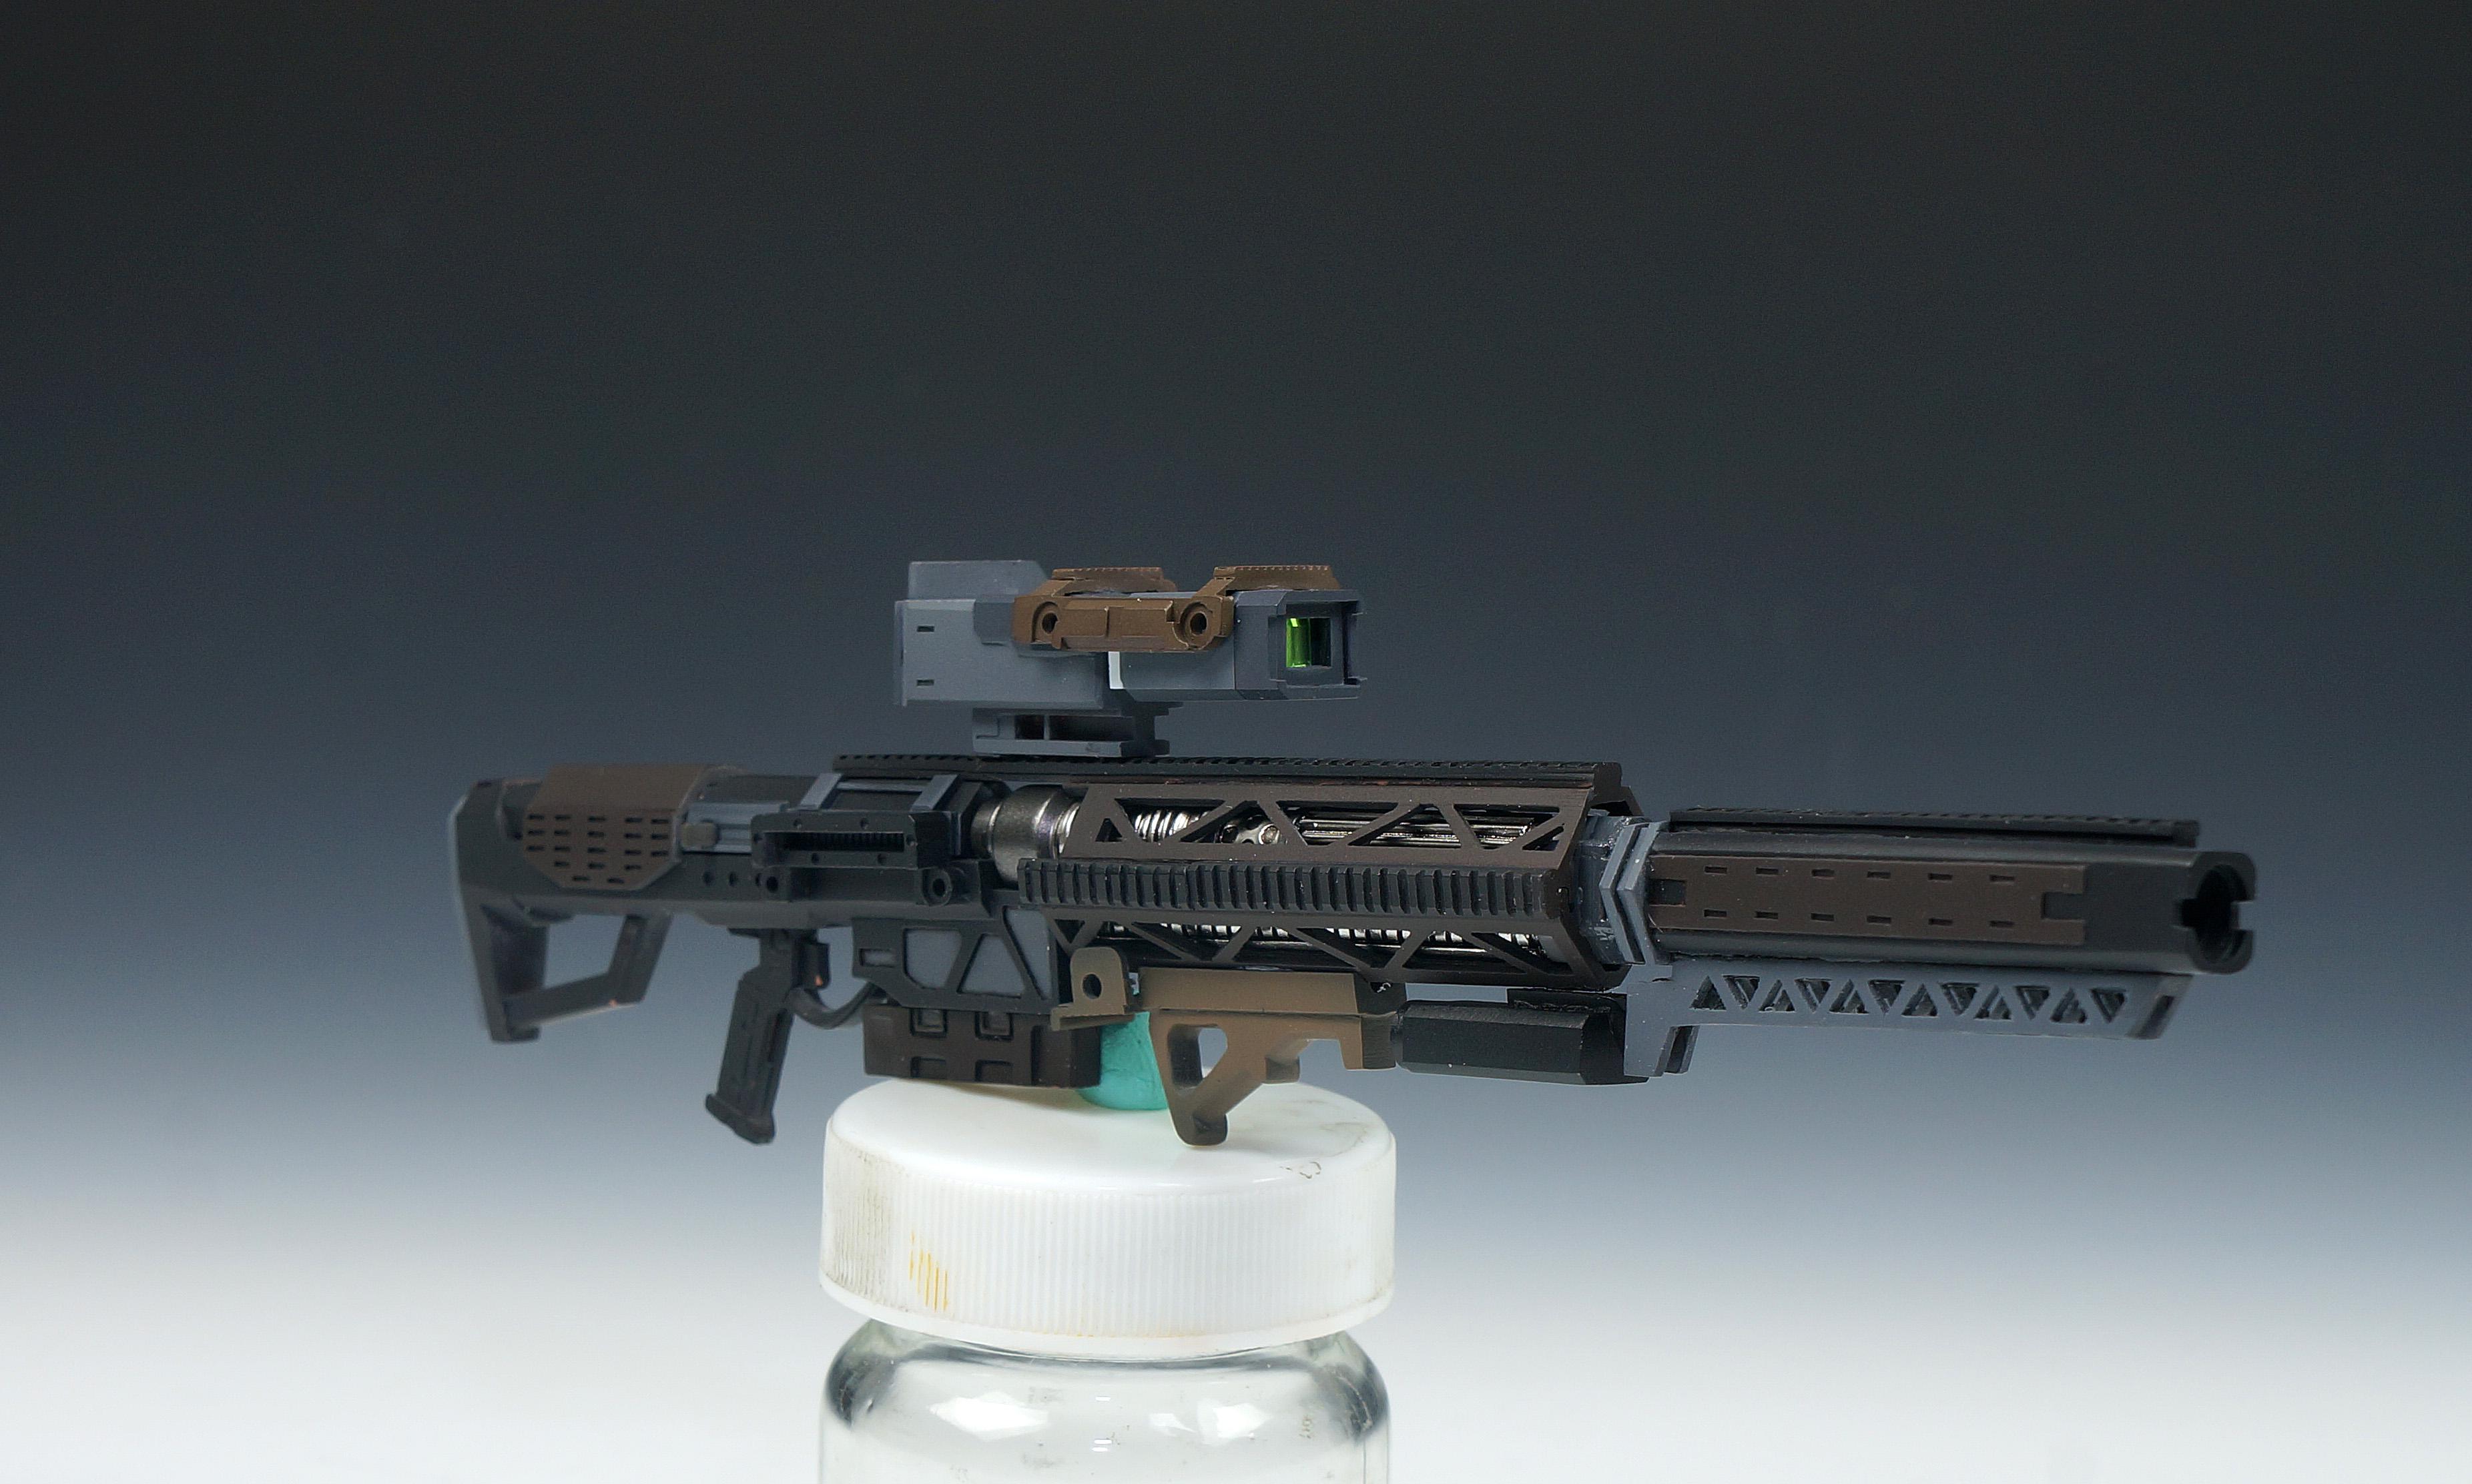 G261_sniper_inask_014.jpg